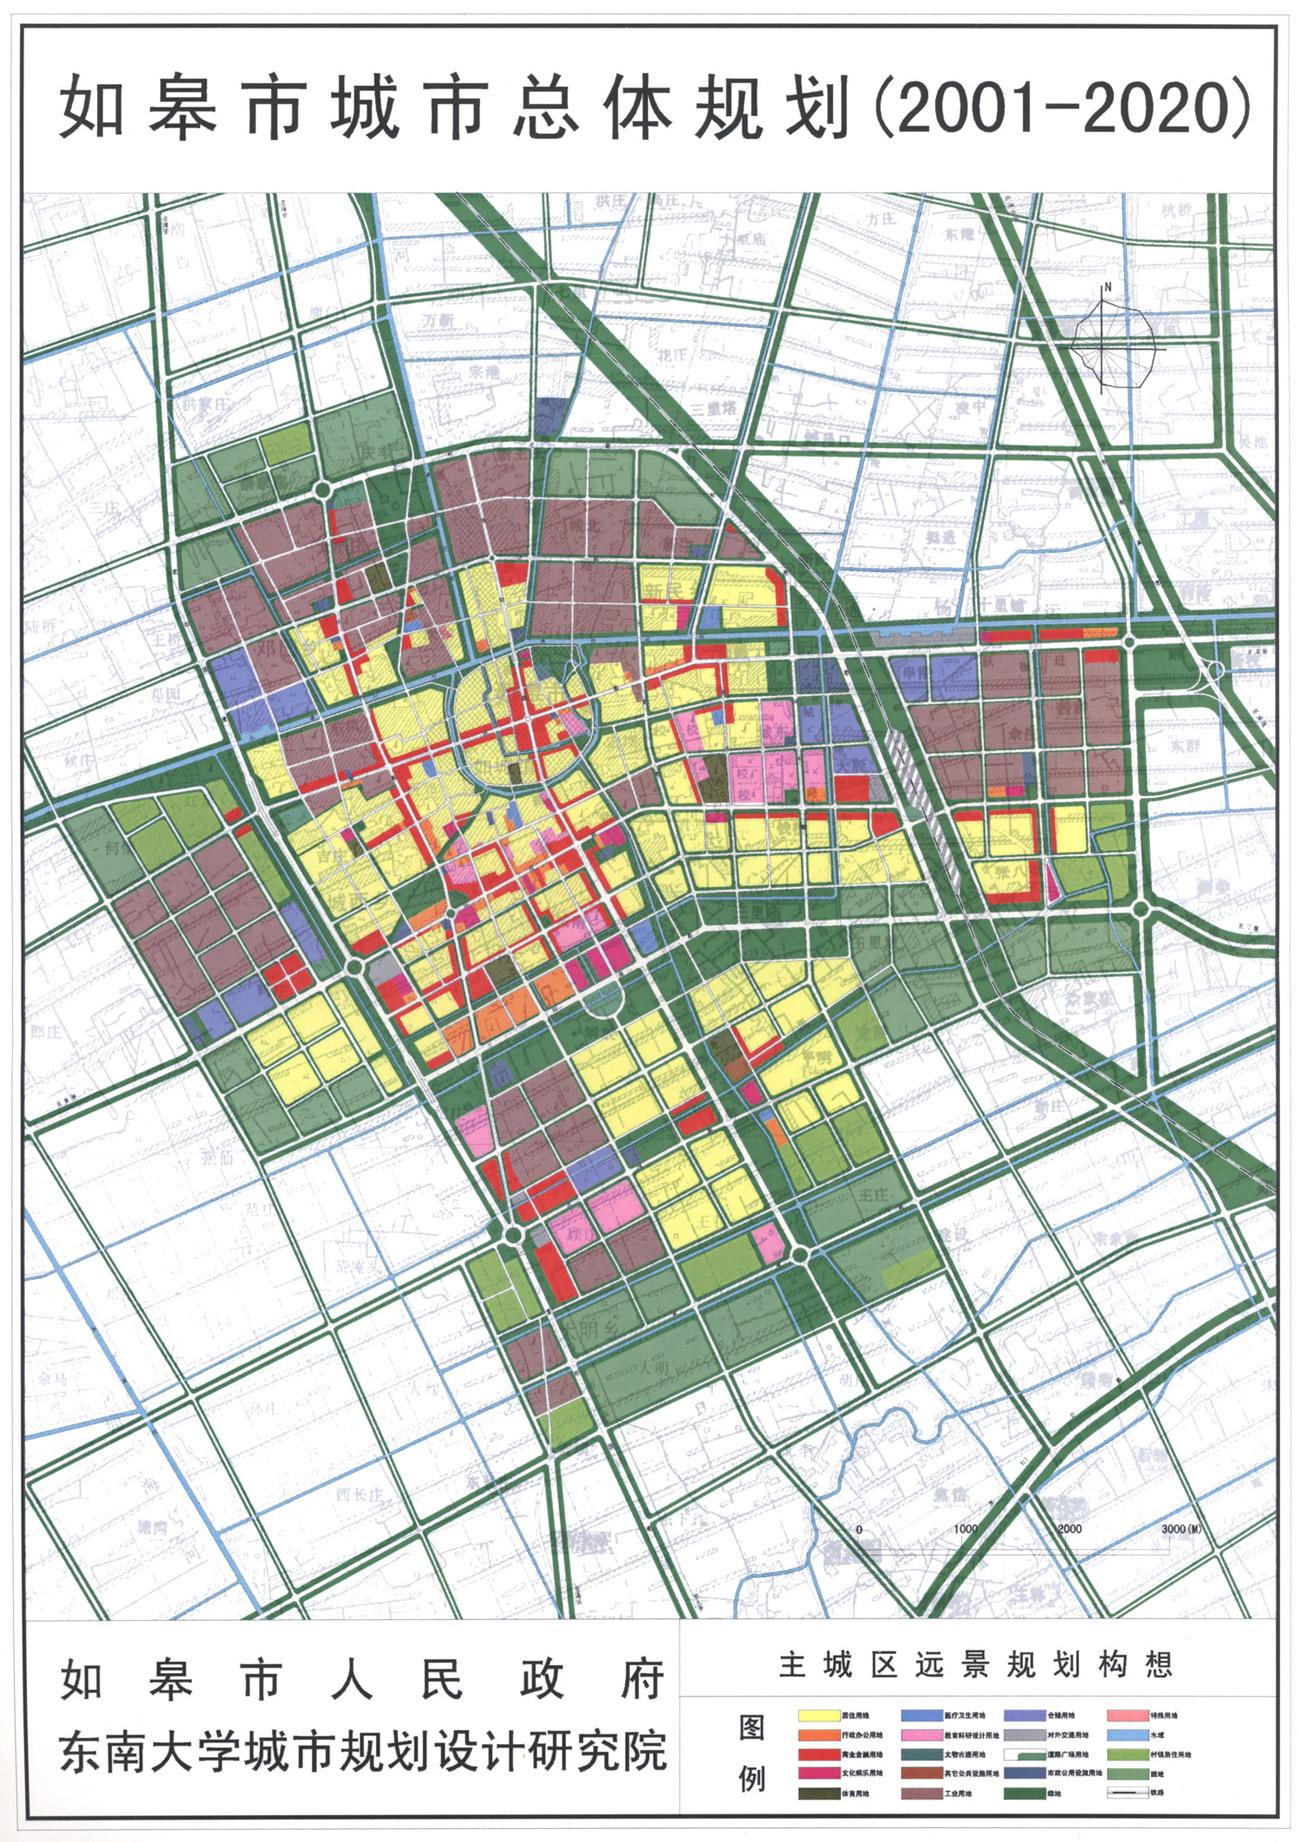 如皋市区远景规划图_南通地图查询